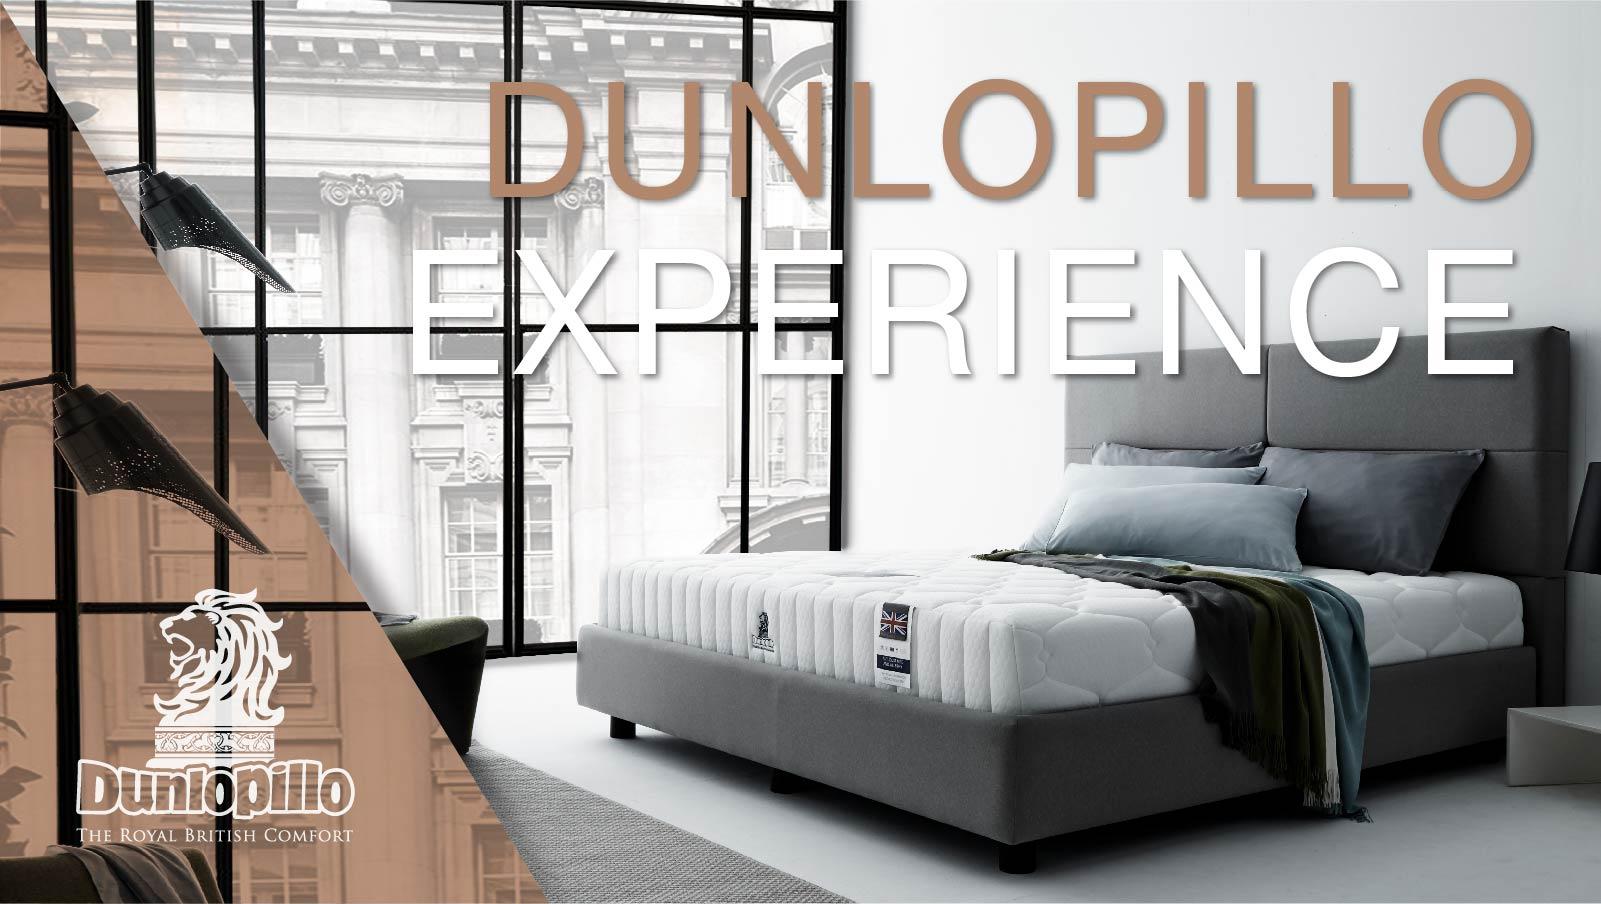 Dunlopillo Mattress - Experience